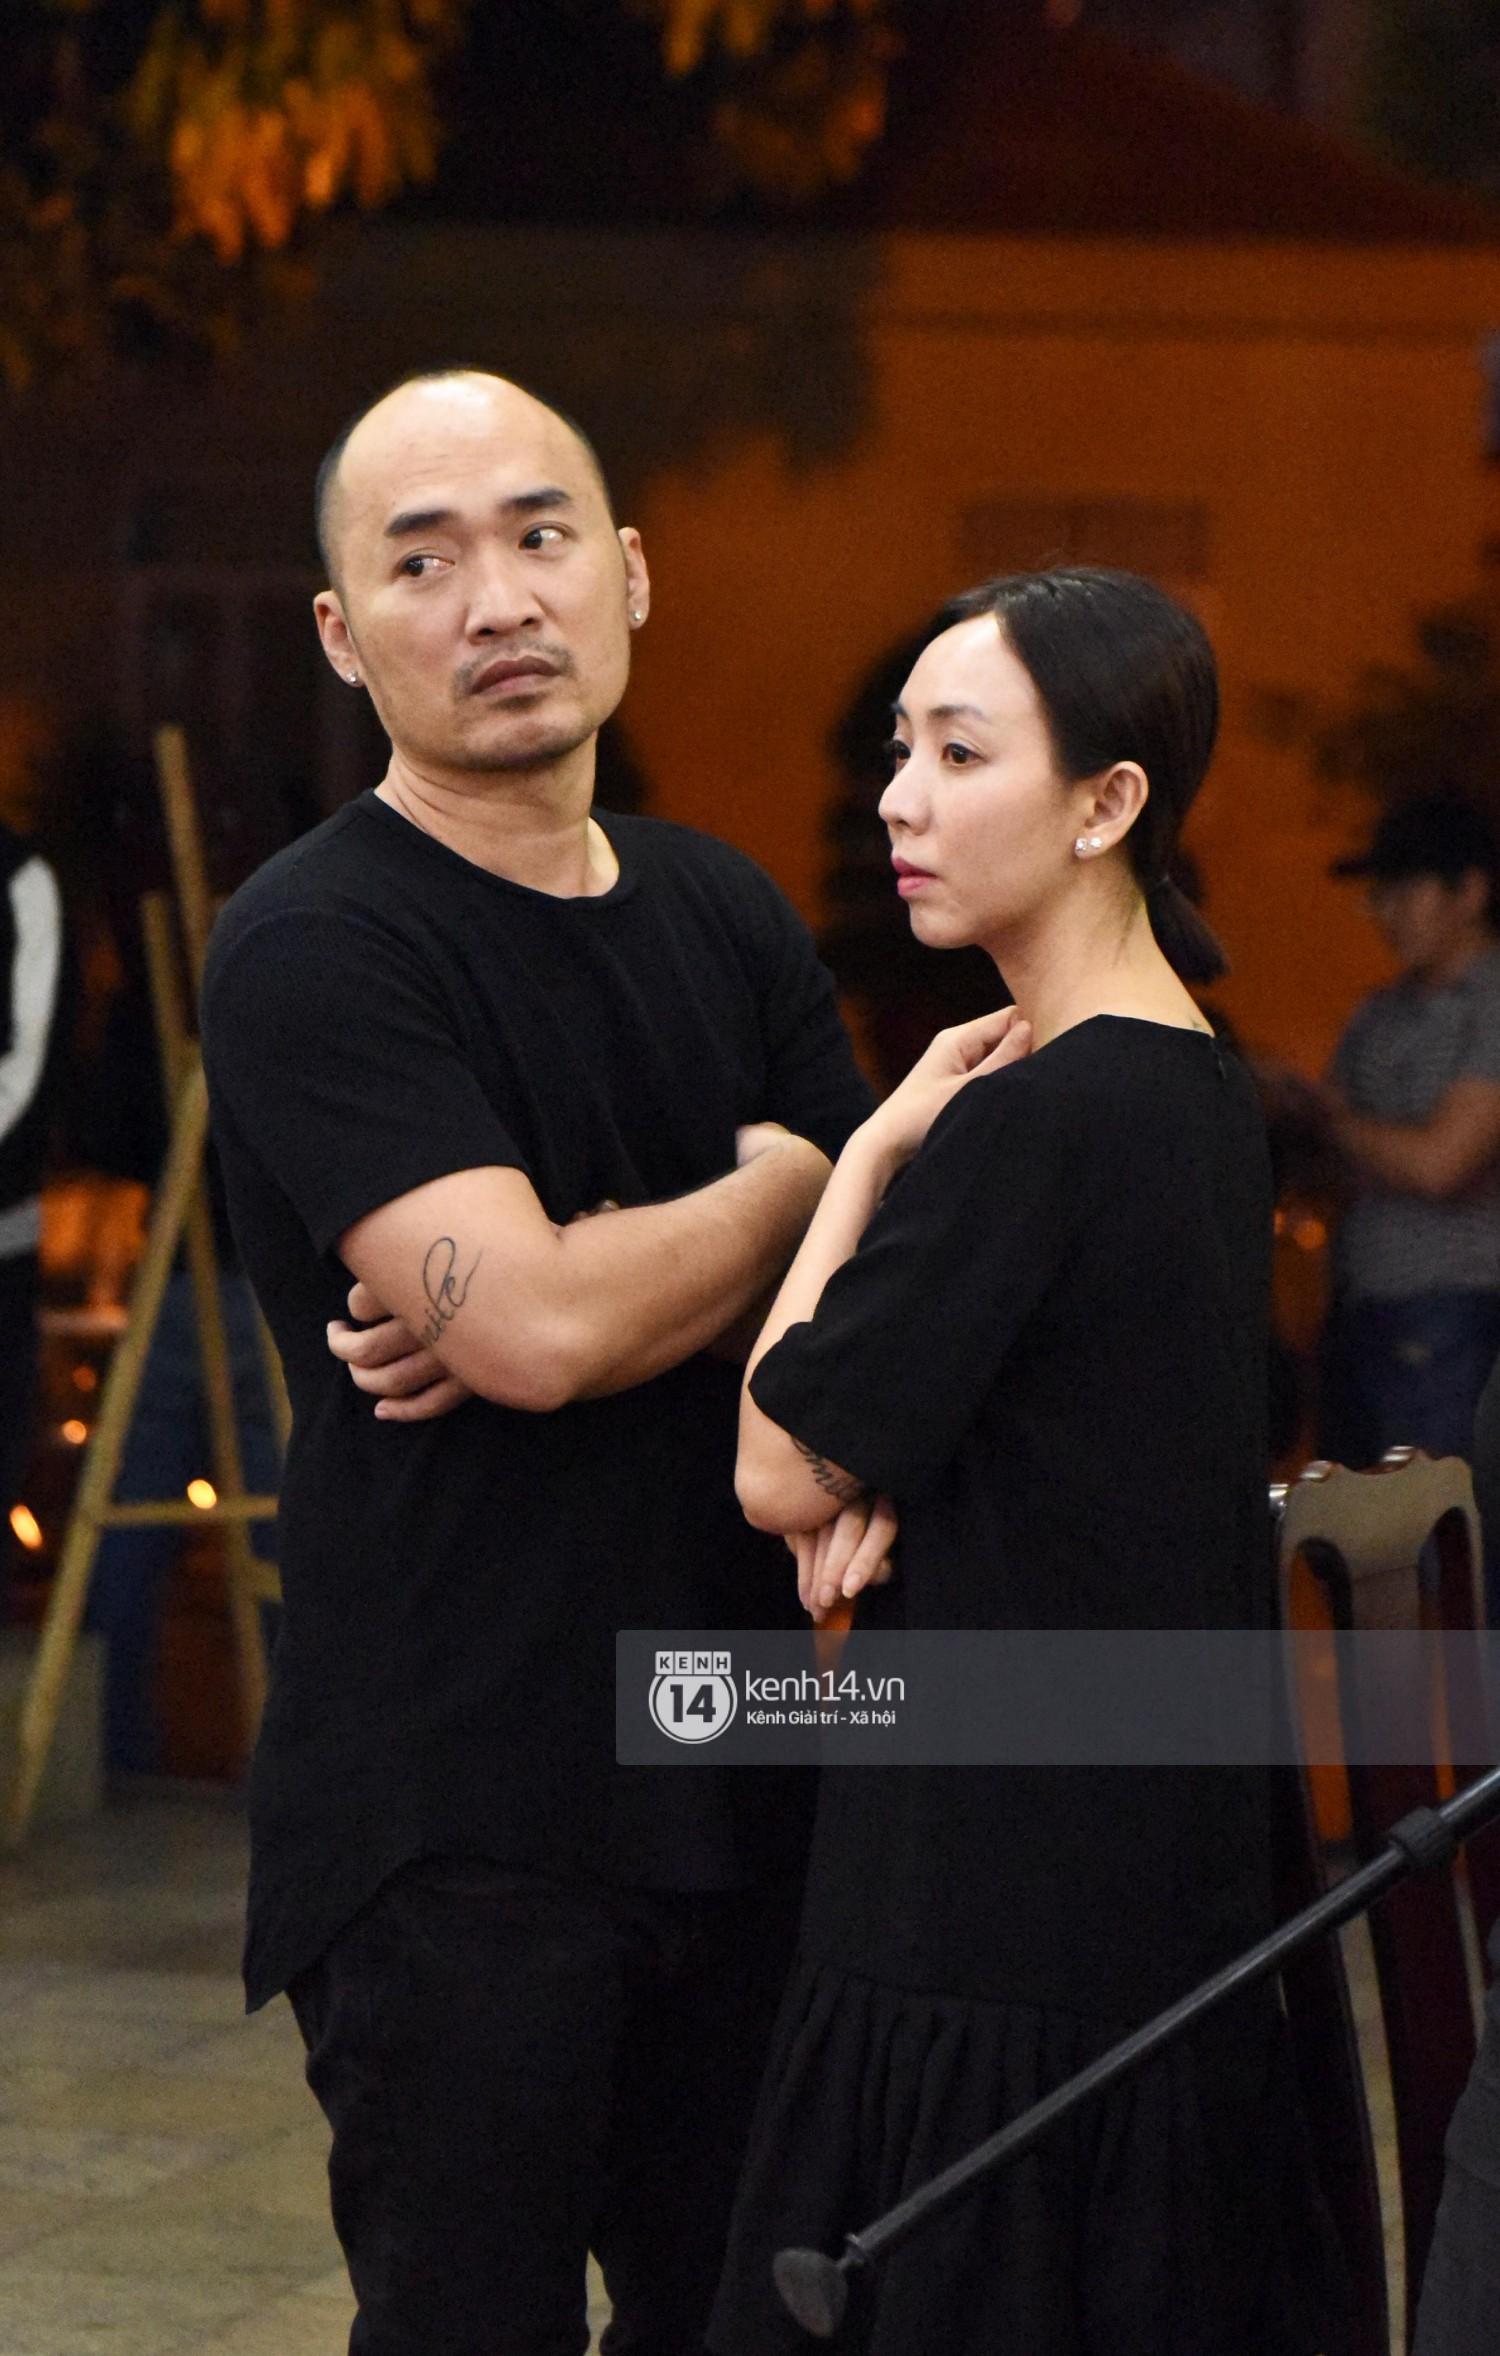 Dàn nghệ sĩ bất chấp mưa lớn tới thắp nhang cho nghệ sĩ Lê Bình trong buổi tối thứ hai tang lễ - Ảnh 3.